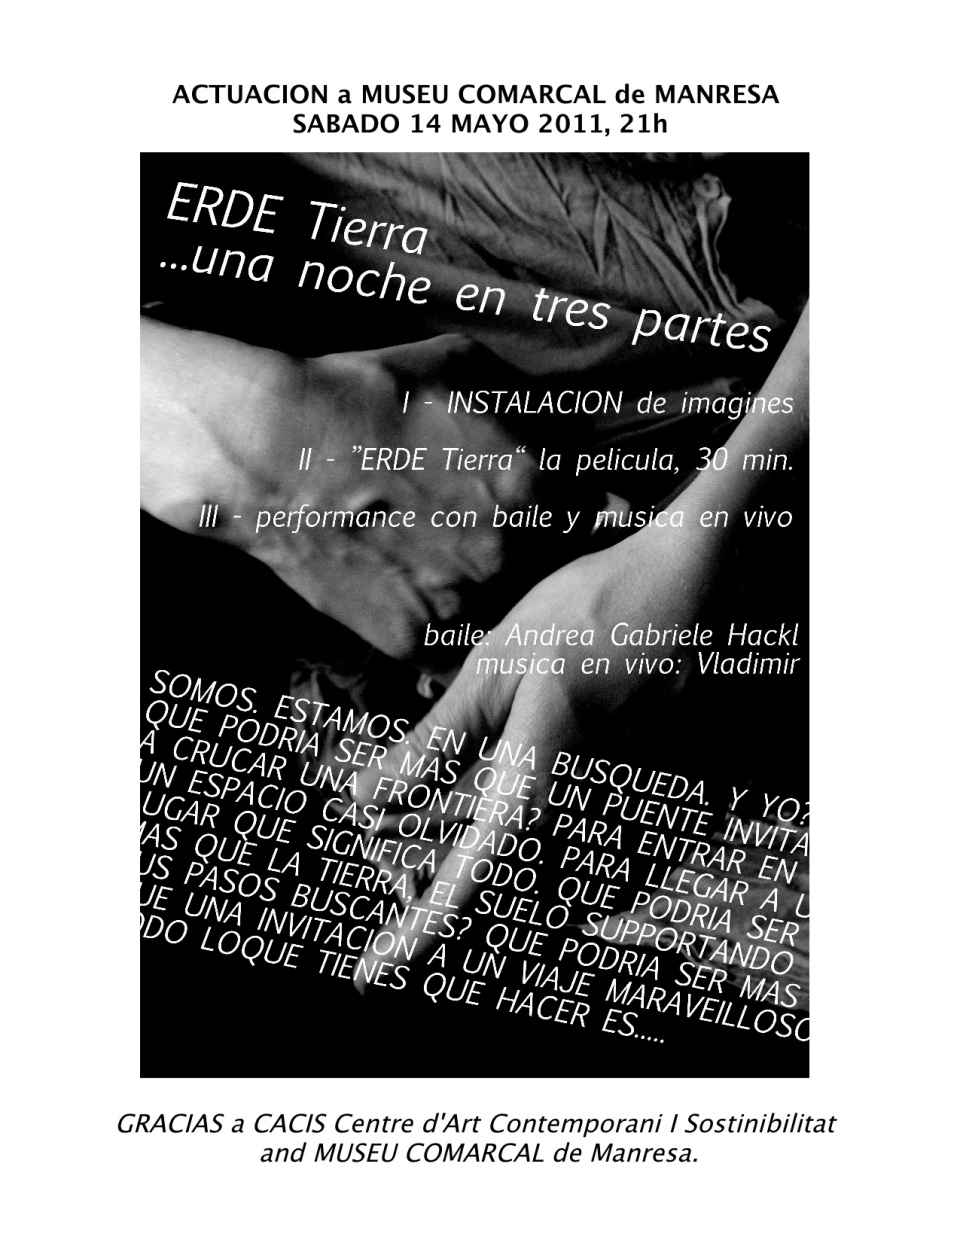 ERDEprogram